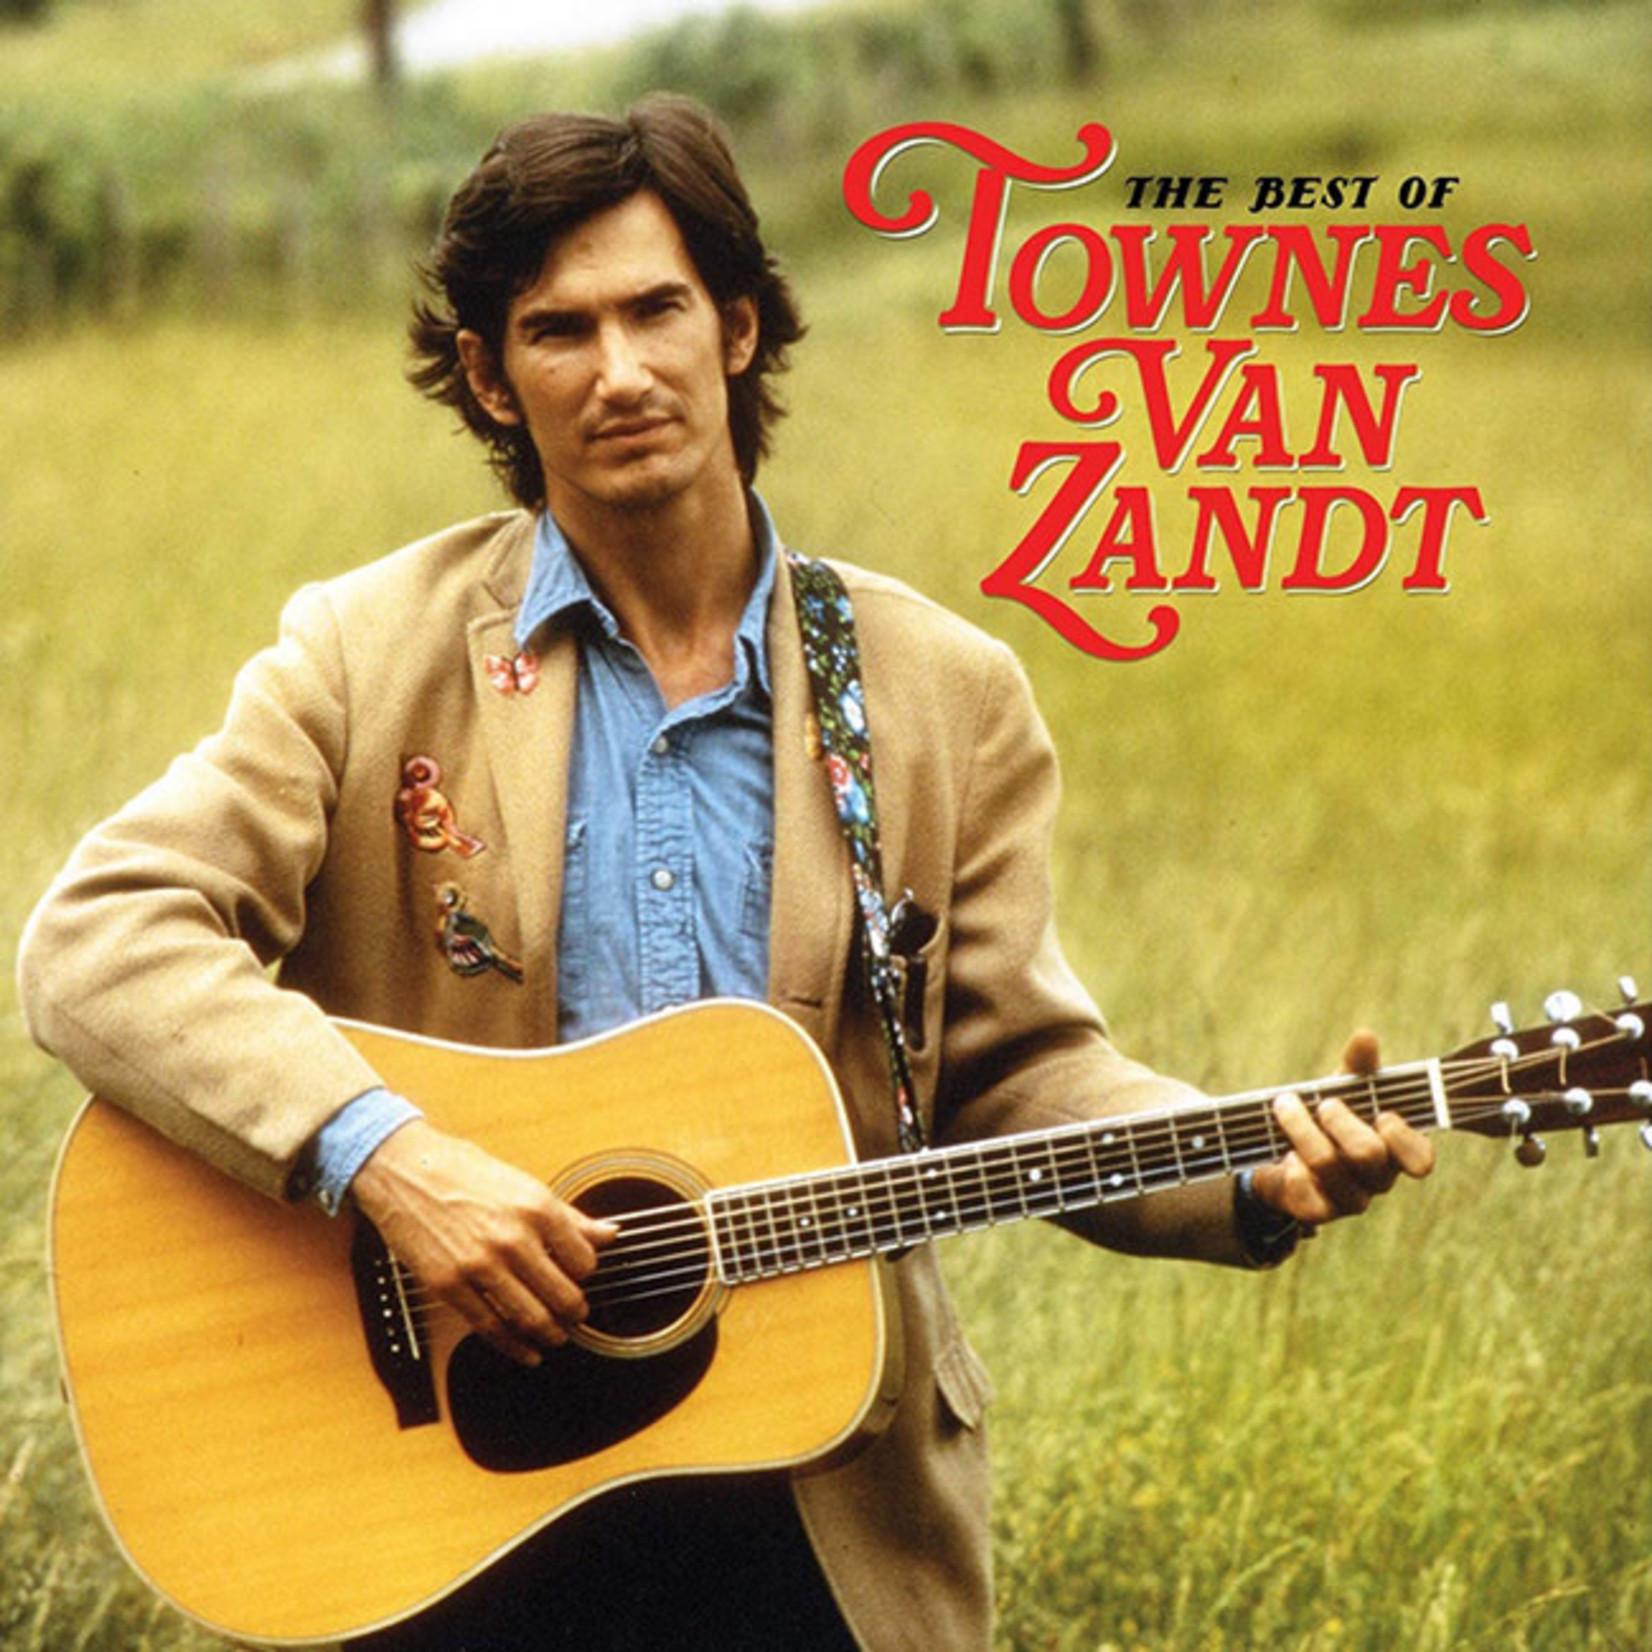 [New] Van Zandt, Townes: The Best Of Townes Van Zandt (2LP)